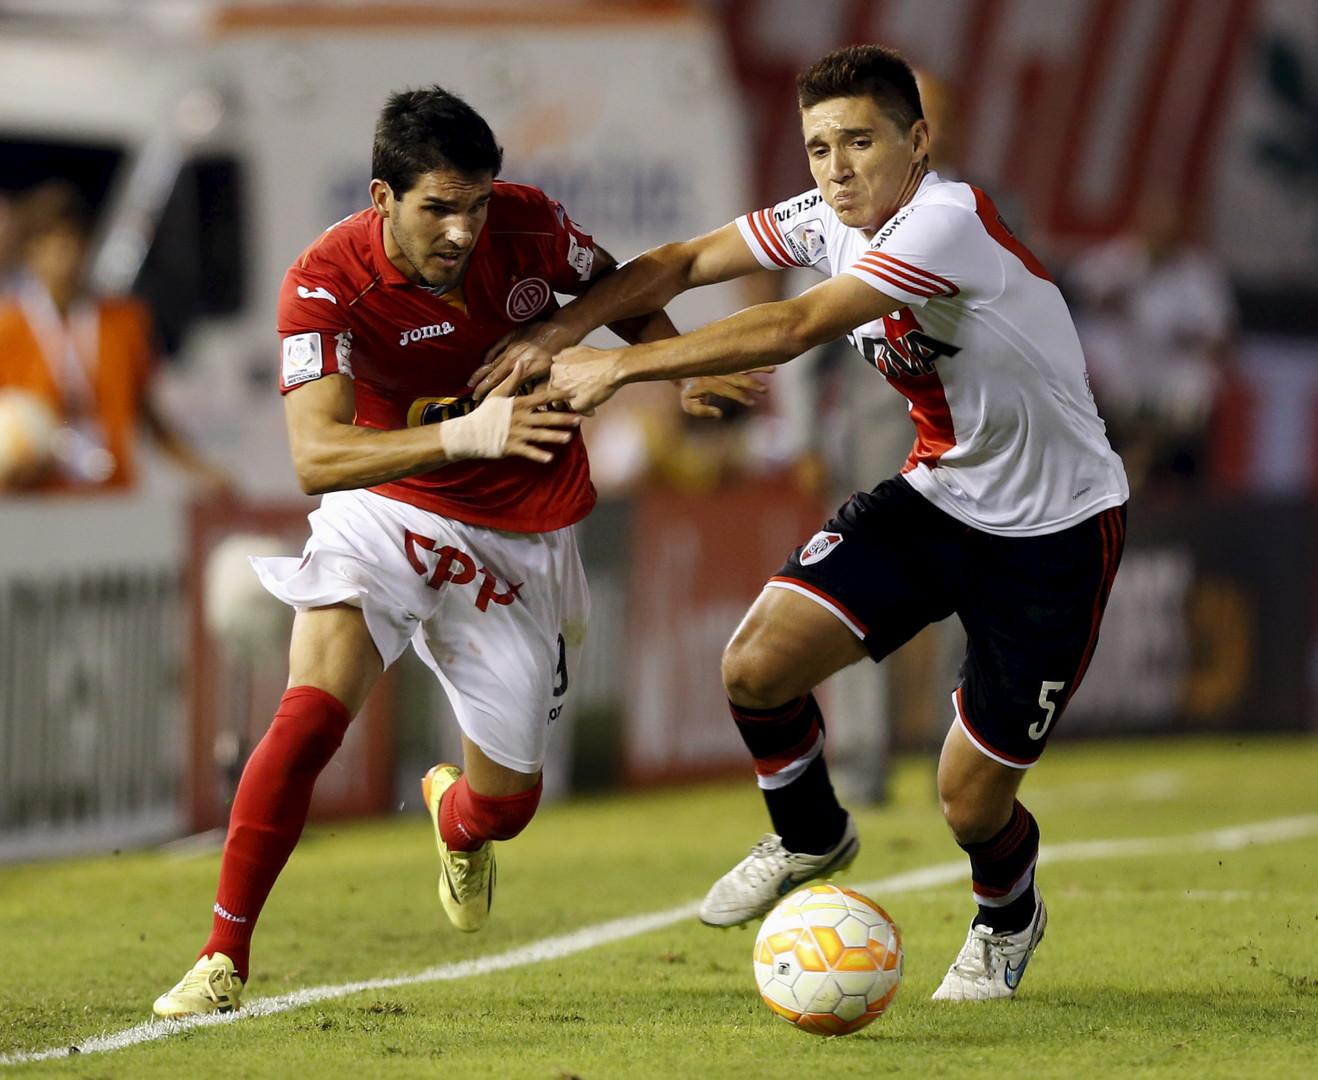 Аргентинская сборная в Санкт-Петербурге: «Зенит» приобрёл ещё одного игрока из Южной Америки